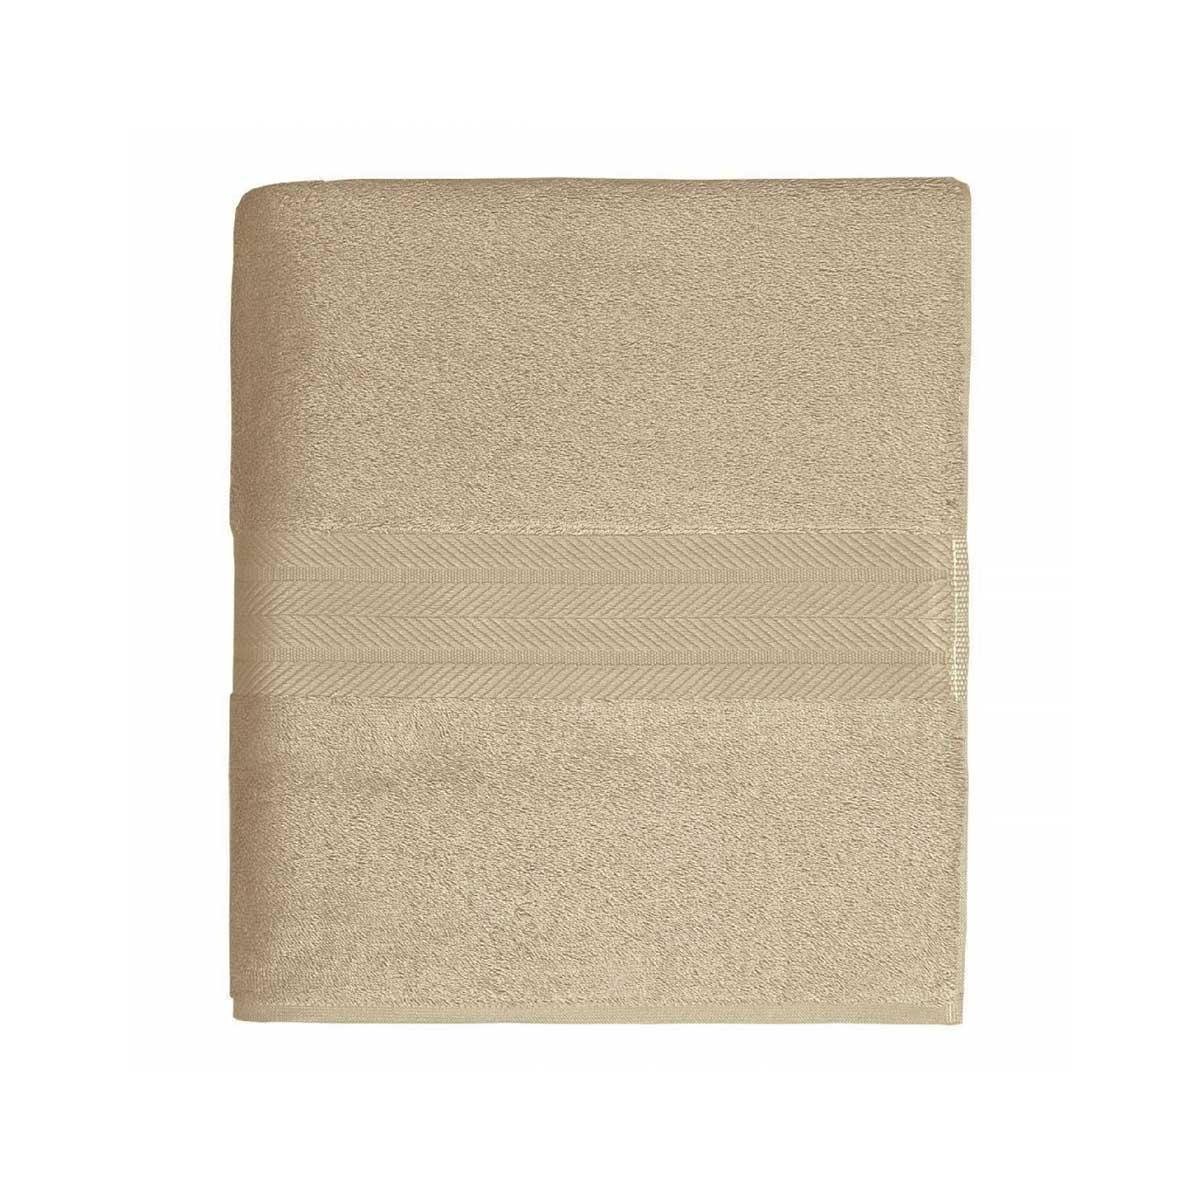 Linge de bain en coton moelleux 550gr/m² - Ficelle - 70 x 140 cm